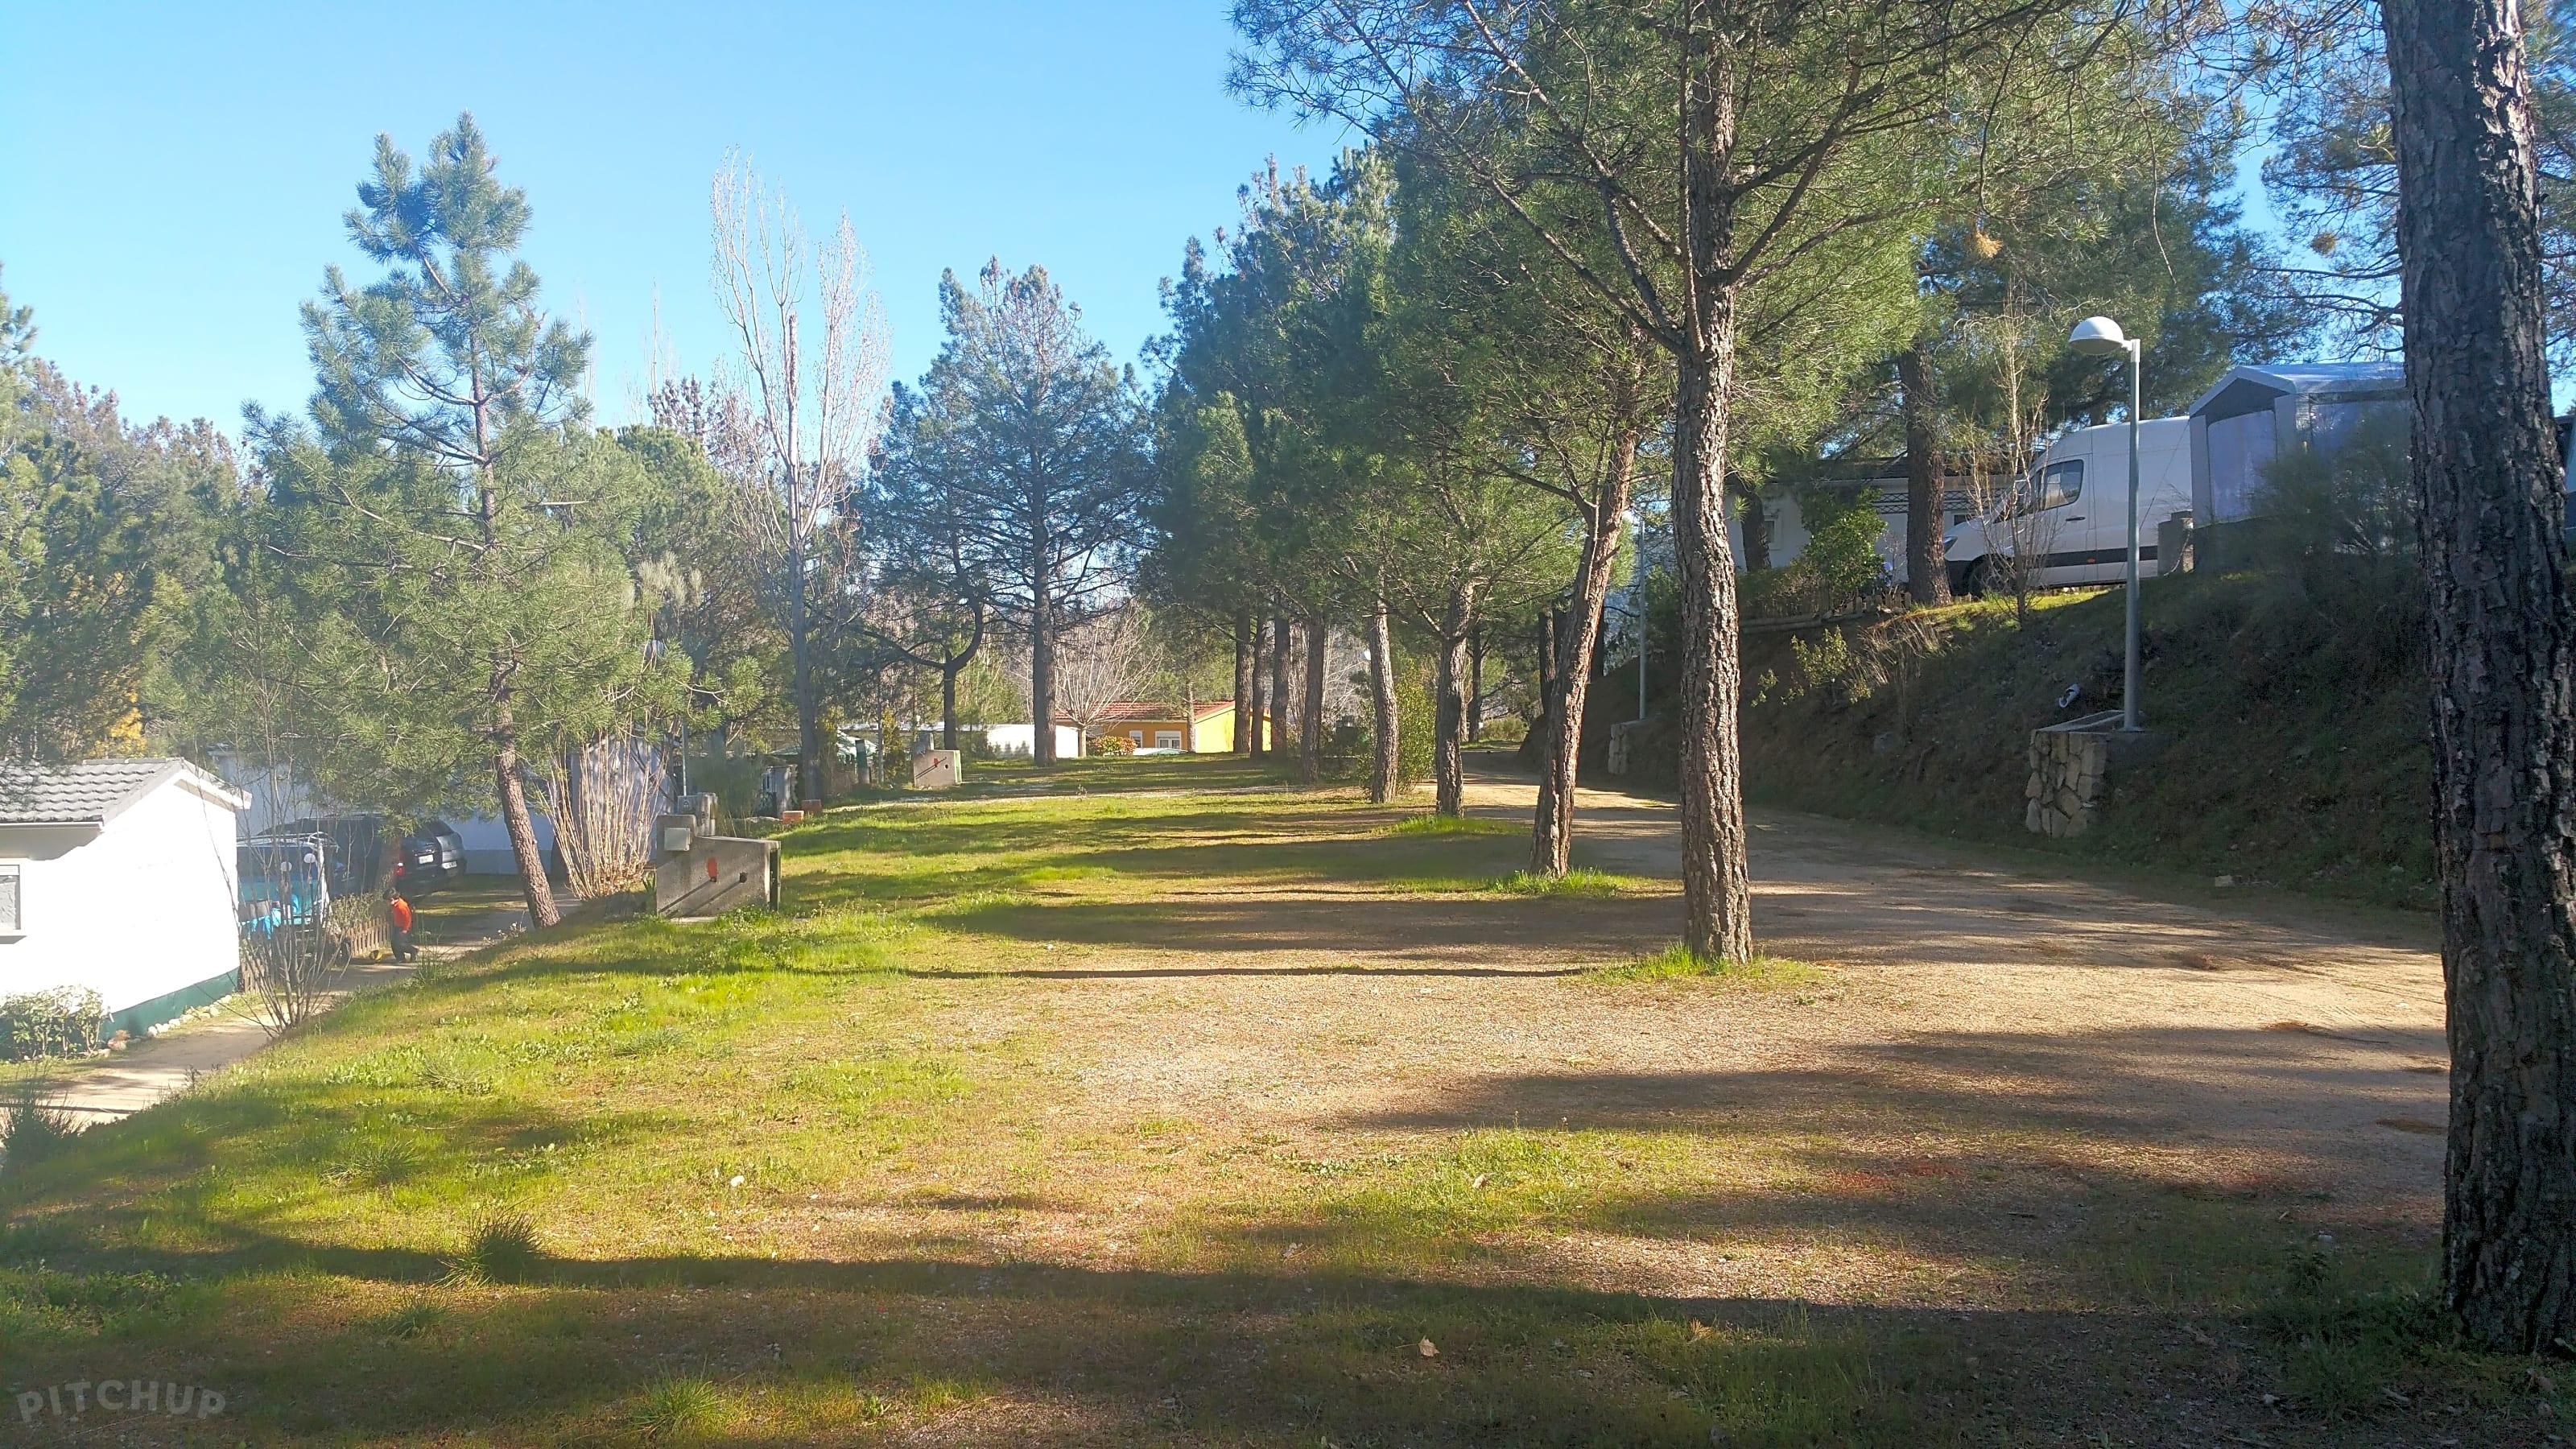 Camping El Canto La Gallina Valdemaqueda Updated 2021 Prices Pitchup